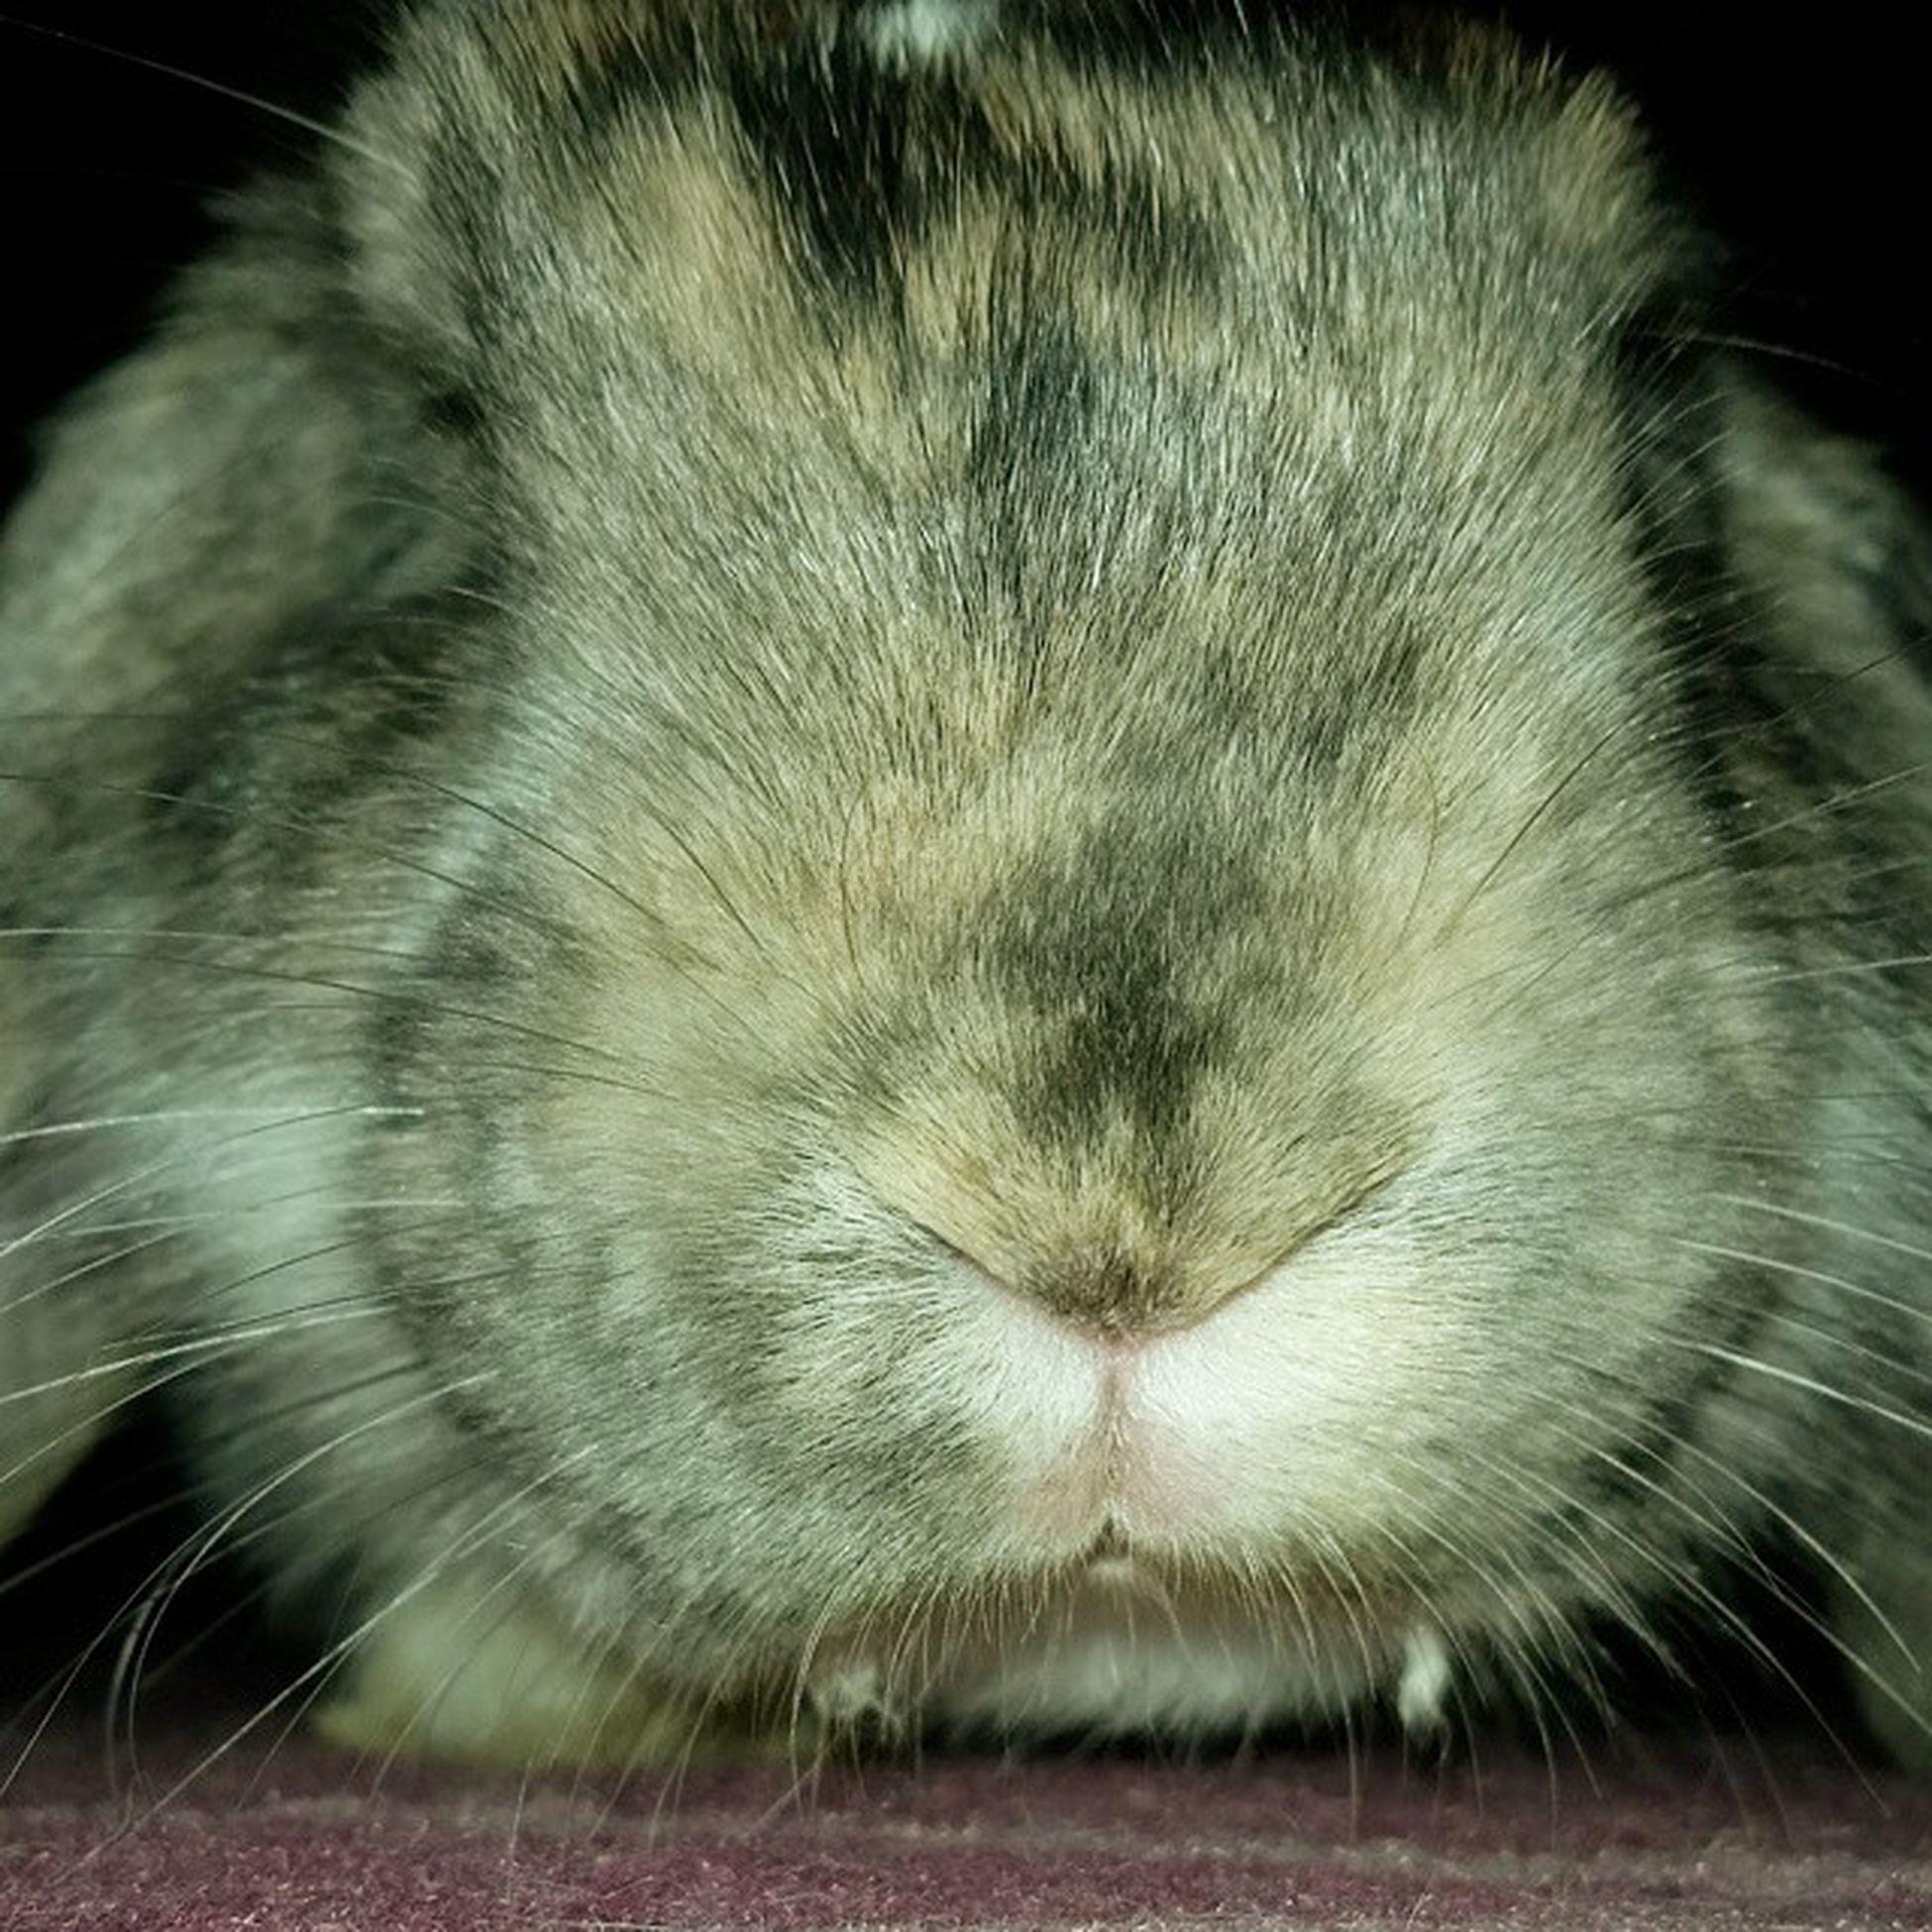 Aries Cucciolo Musettodolce Bunnystagram Istagram Istaphoto Funny Coniglietto Dolcezzainfinita Cicciolo Sultappetoconte Nano Tagsforlike Bologna Casiná